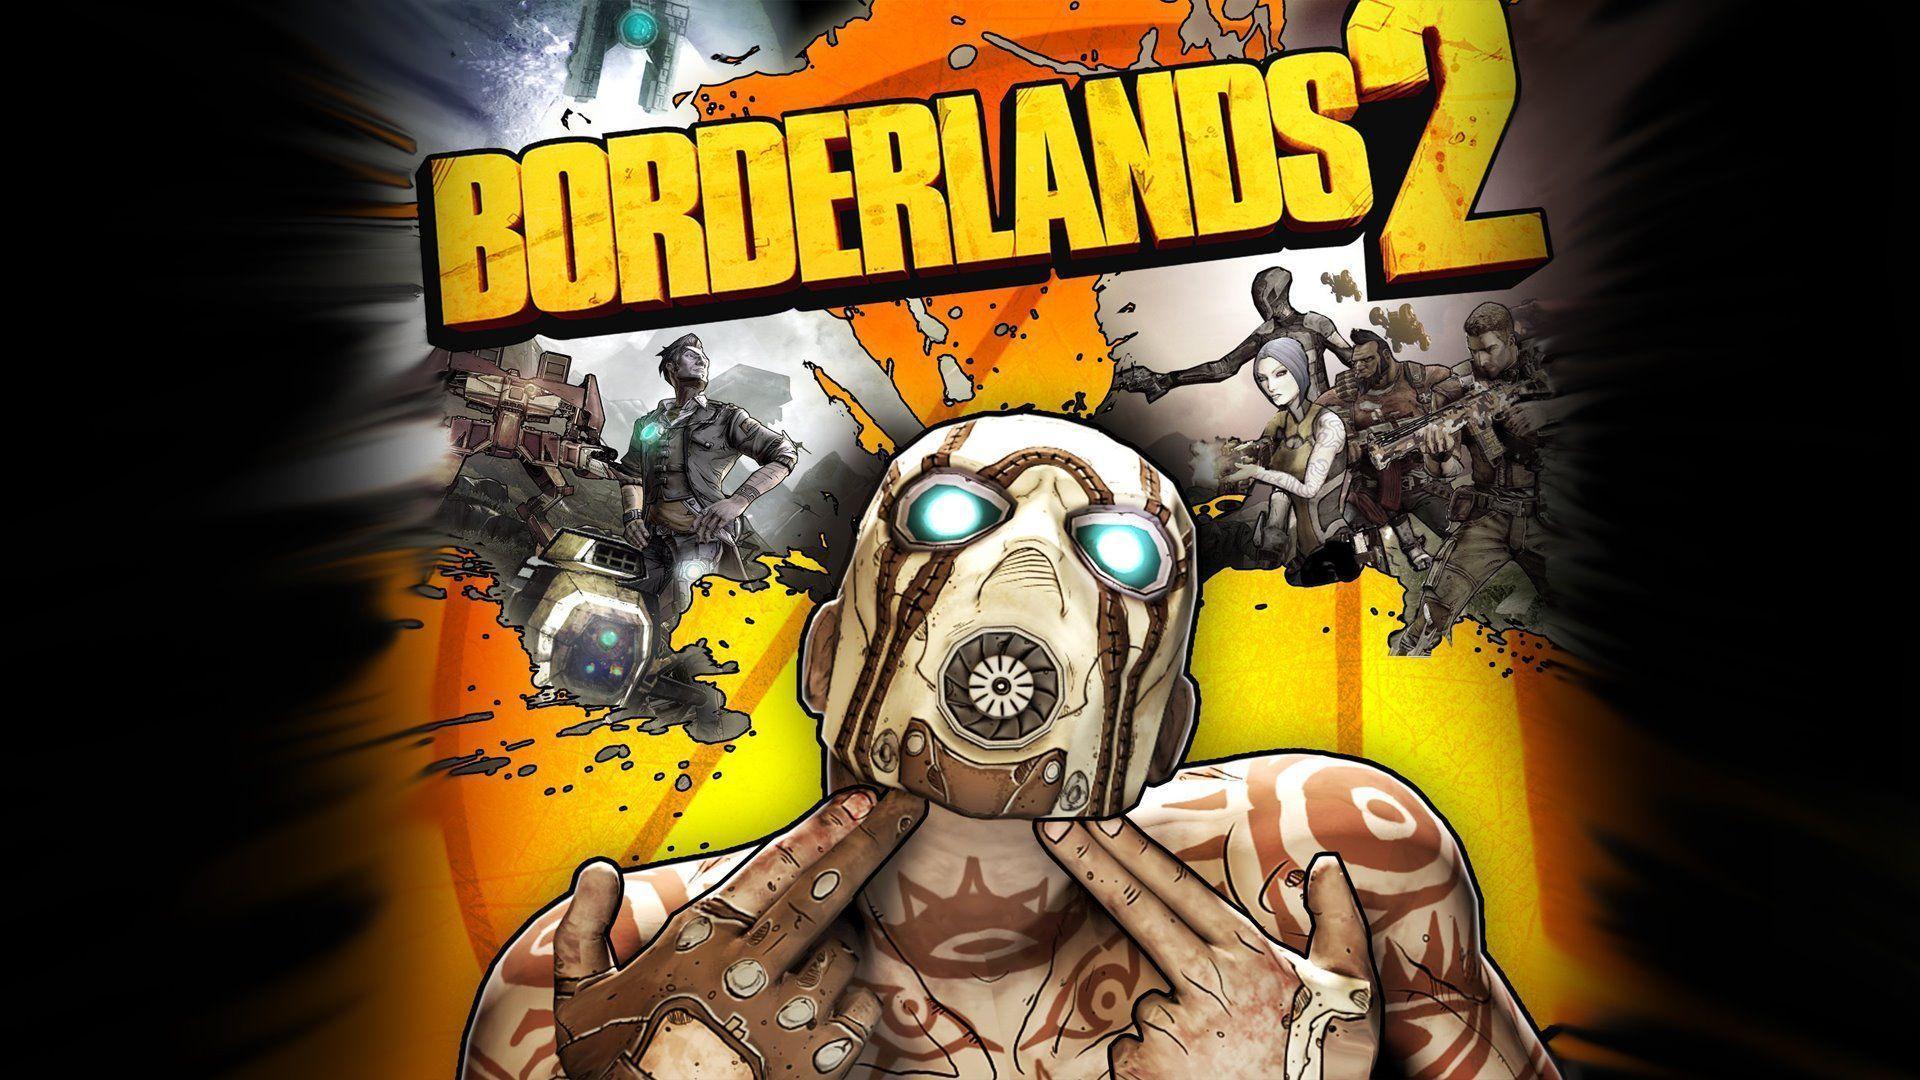 Borderlands 2 Wallpapers HD